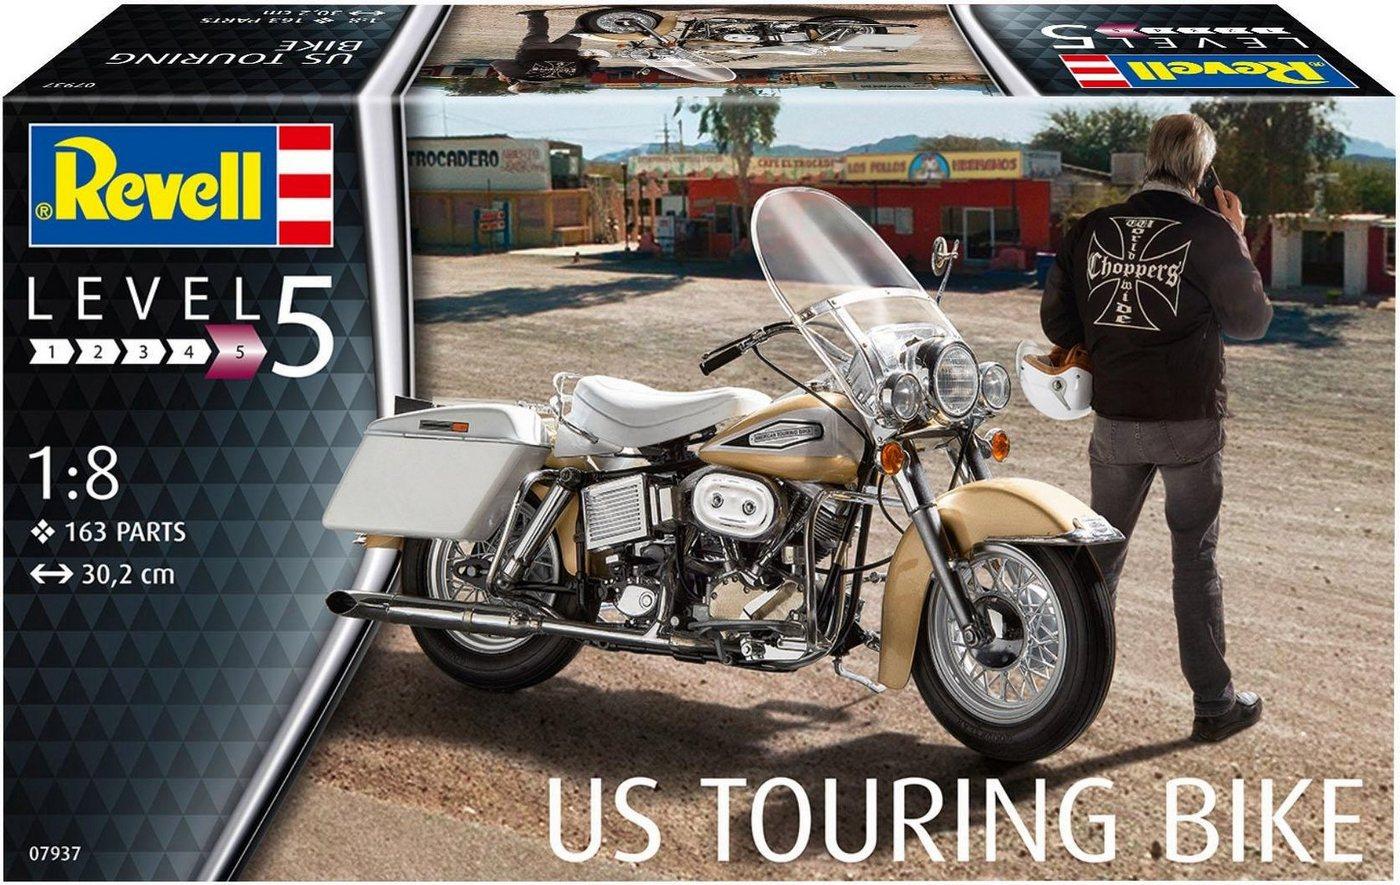 Revell Modellbausatz Motorrad, Maßstab 1:8, »Model Set US Touring Bike«